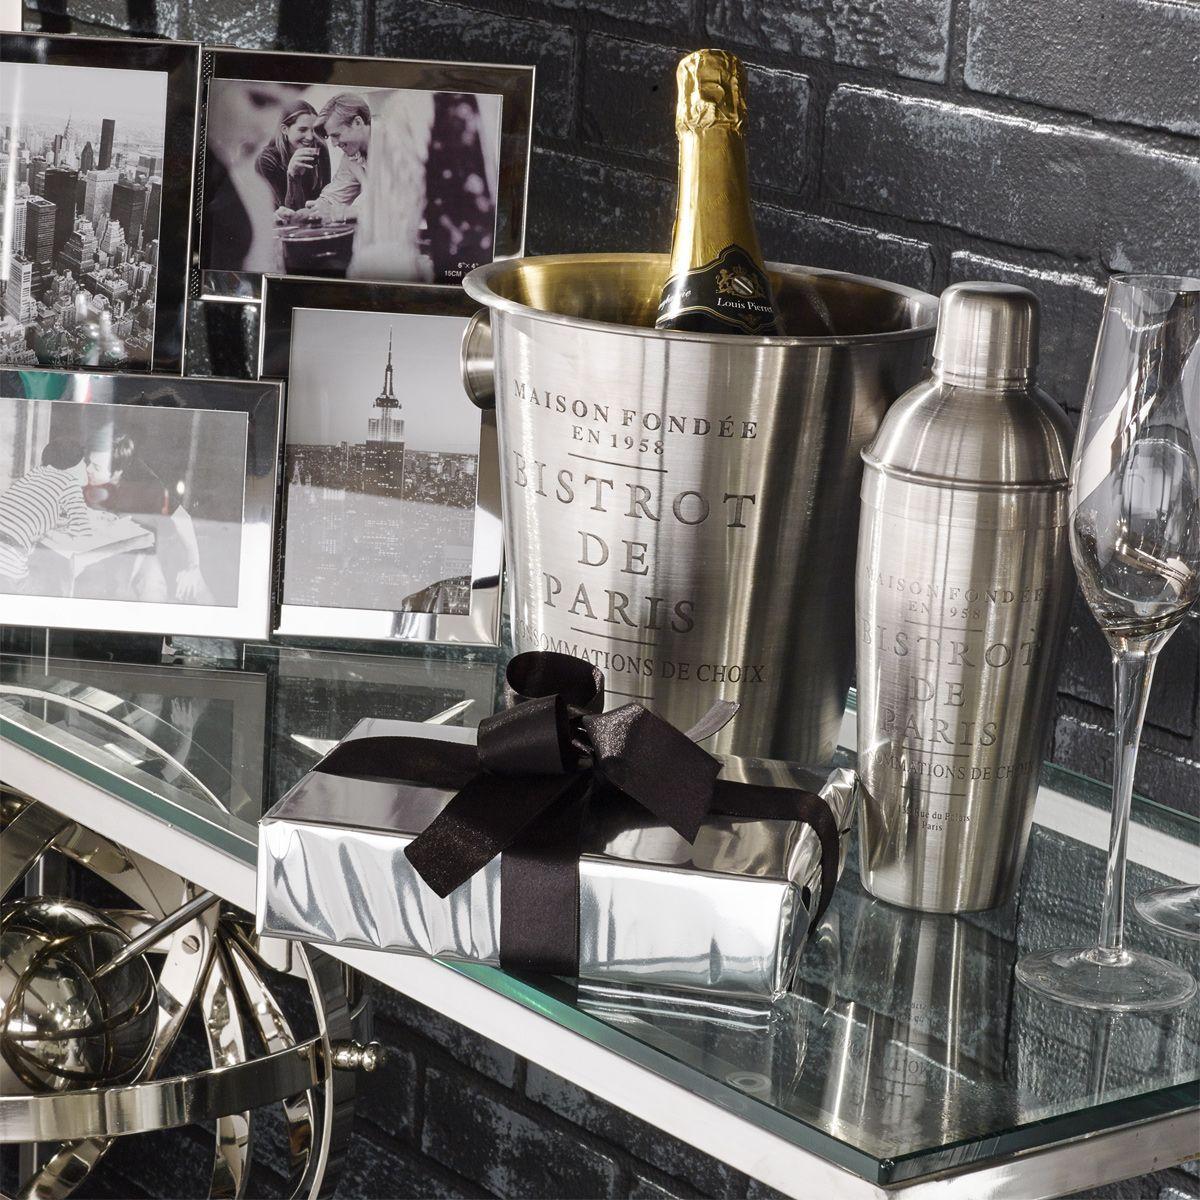 seau champagne effet chrom bistrot de paris maisons du monde classique chic. Black Bedroom Furniture Sets. Home Design Ideas